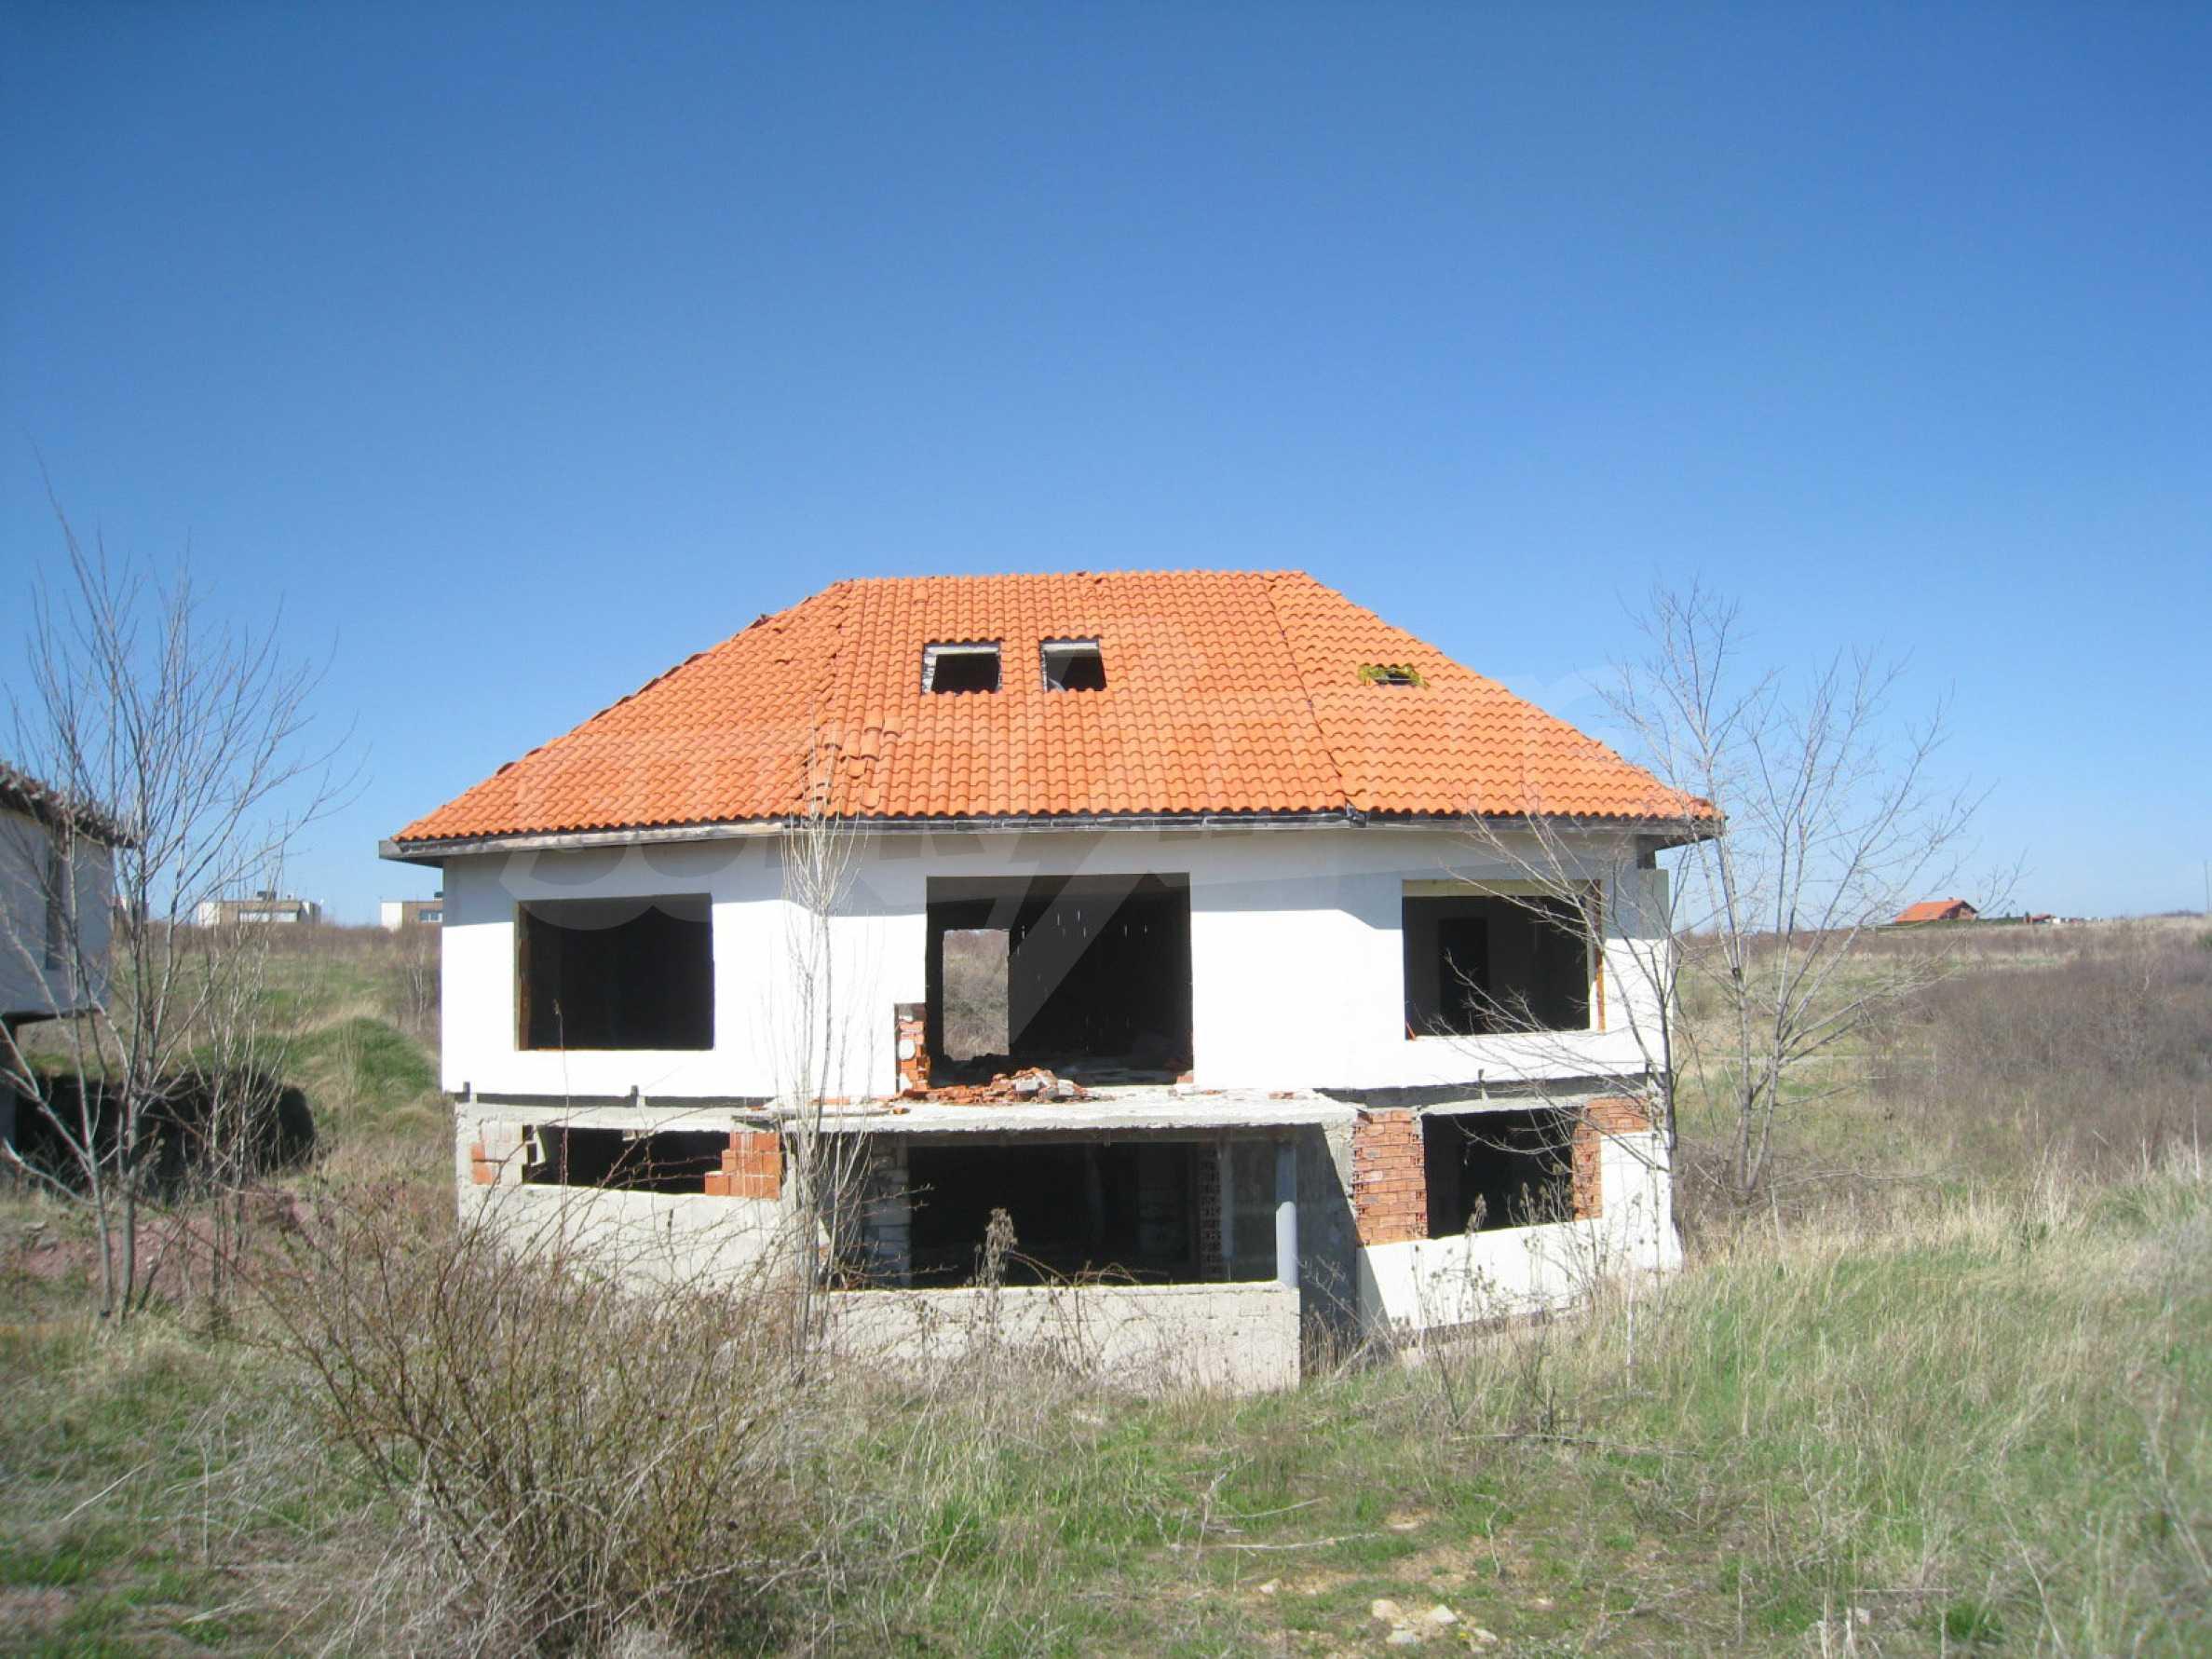 Großes Haus mit Hof 5 km von der Ringstraße in Sofia entfernt 37